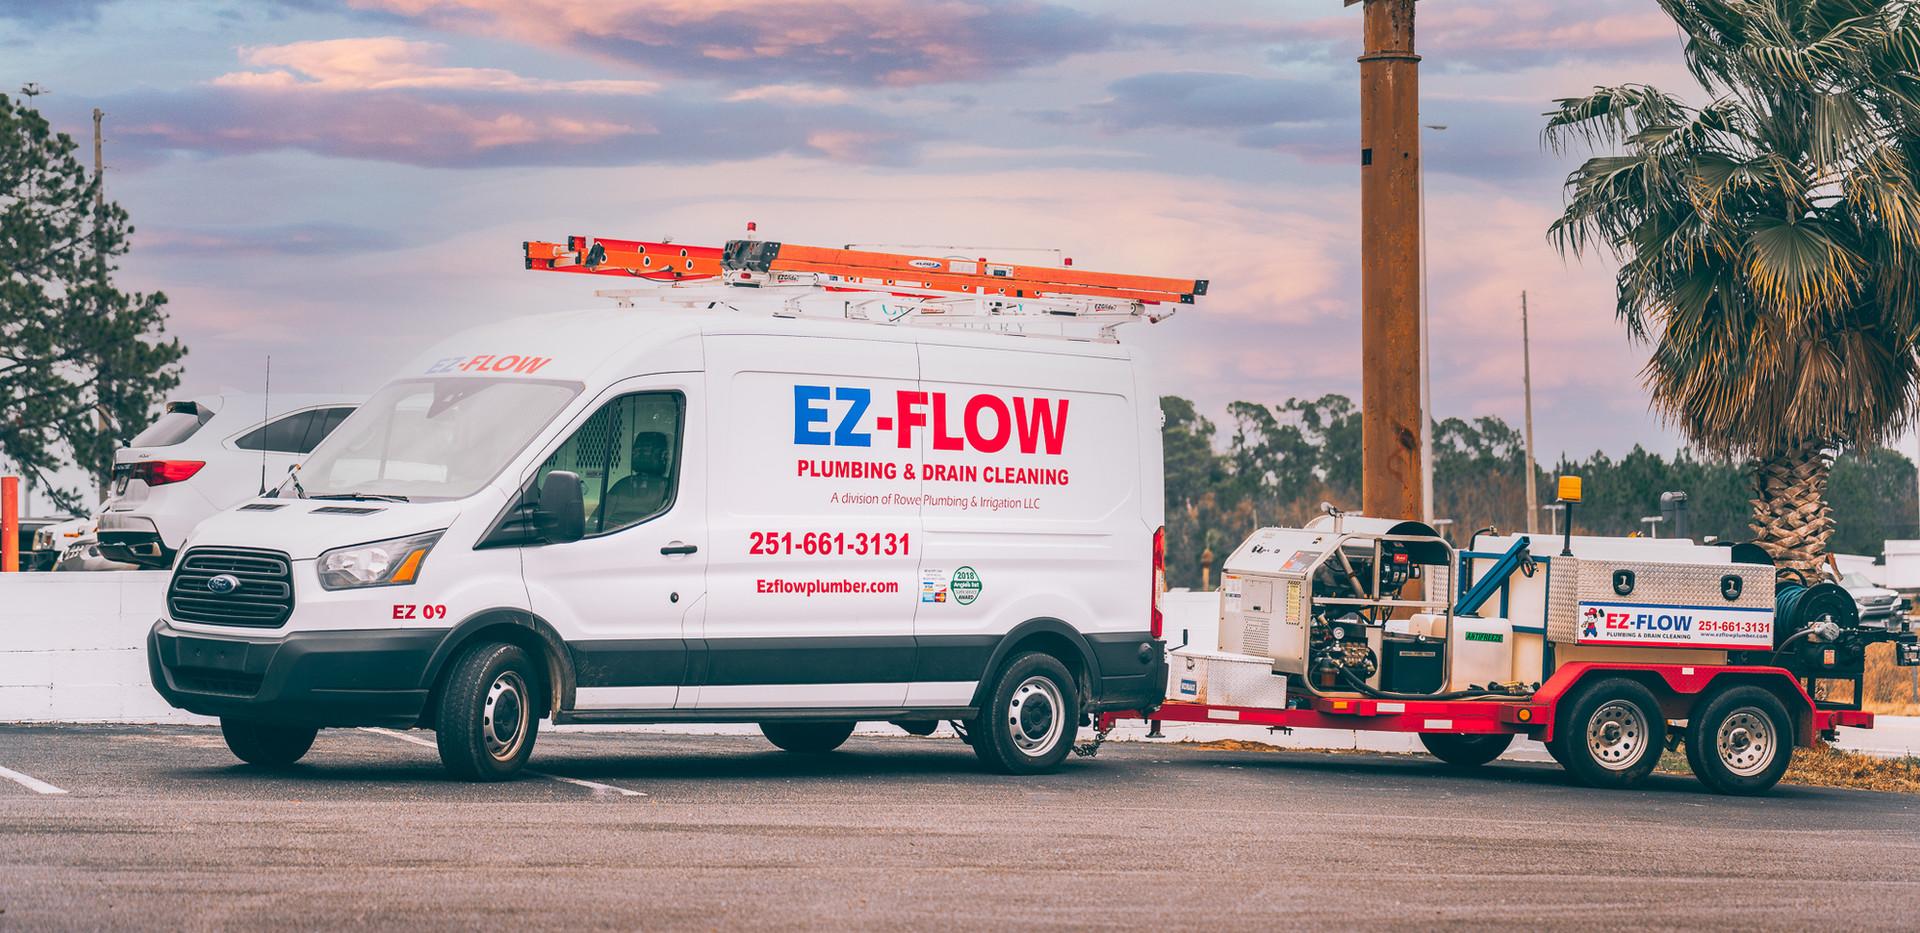 EZ-Flow plumbing van